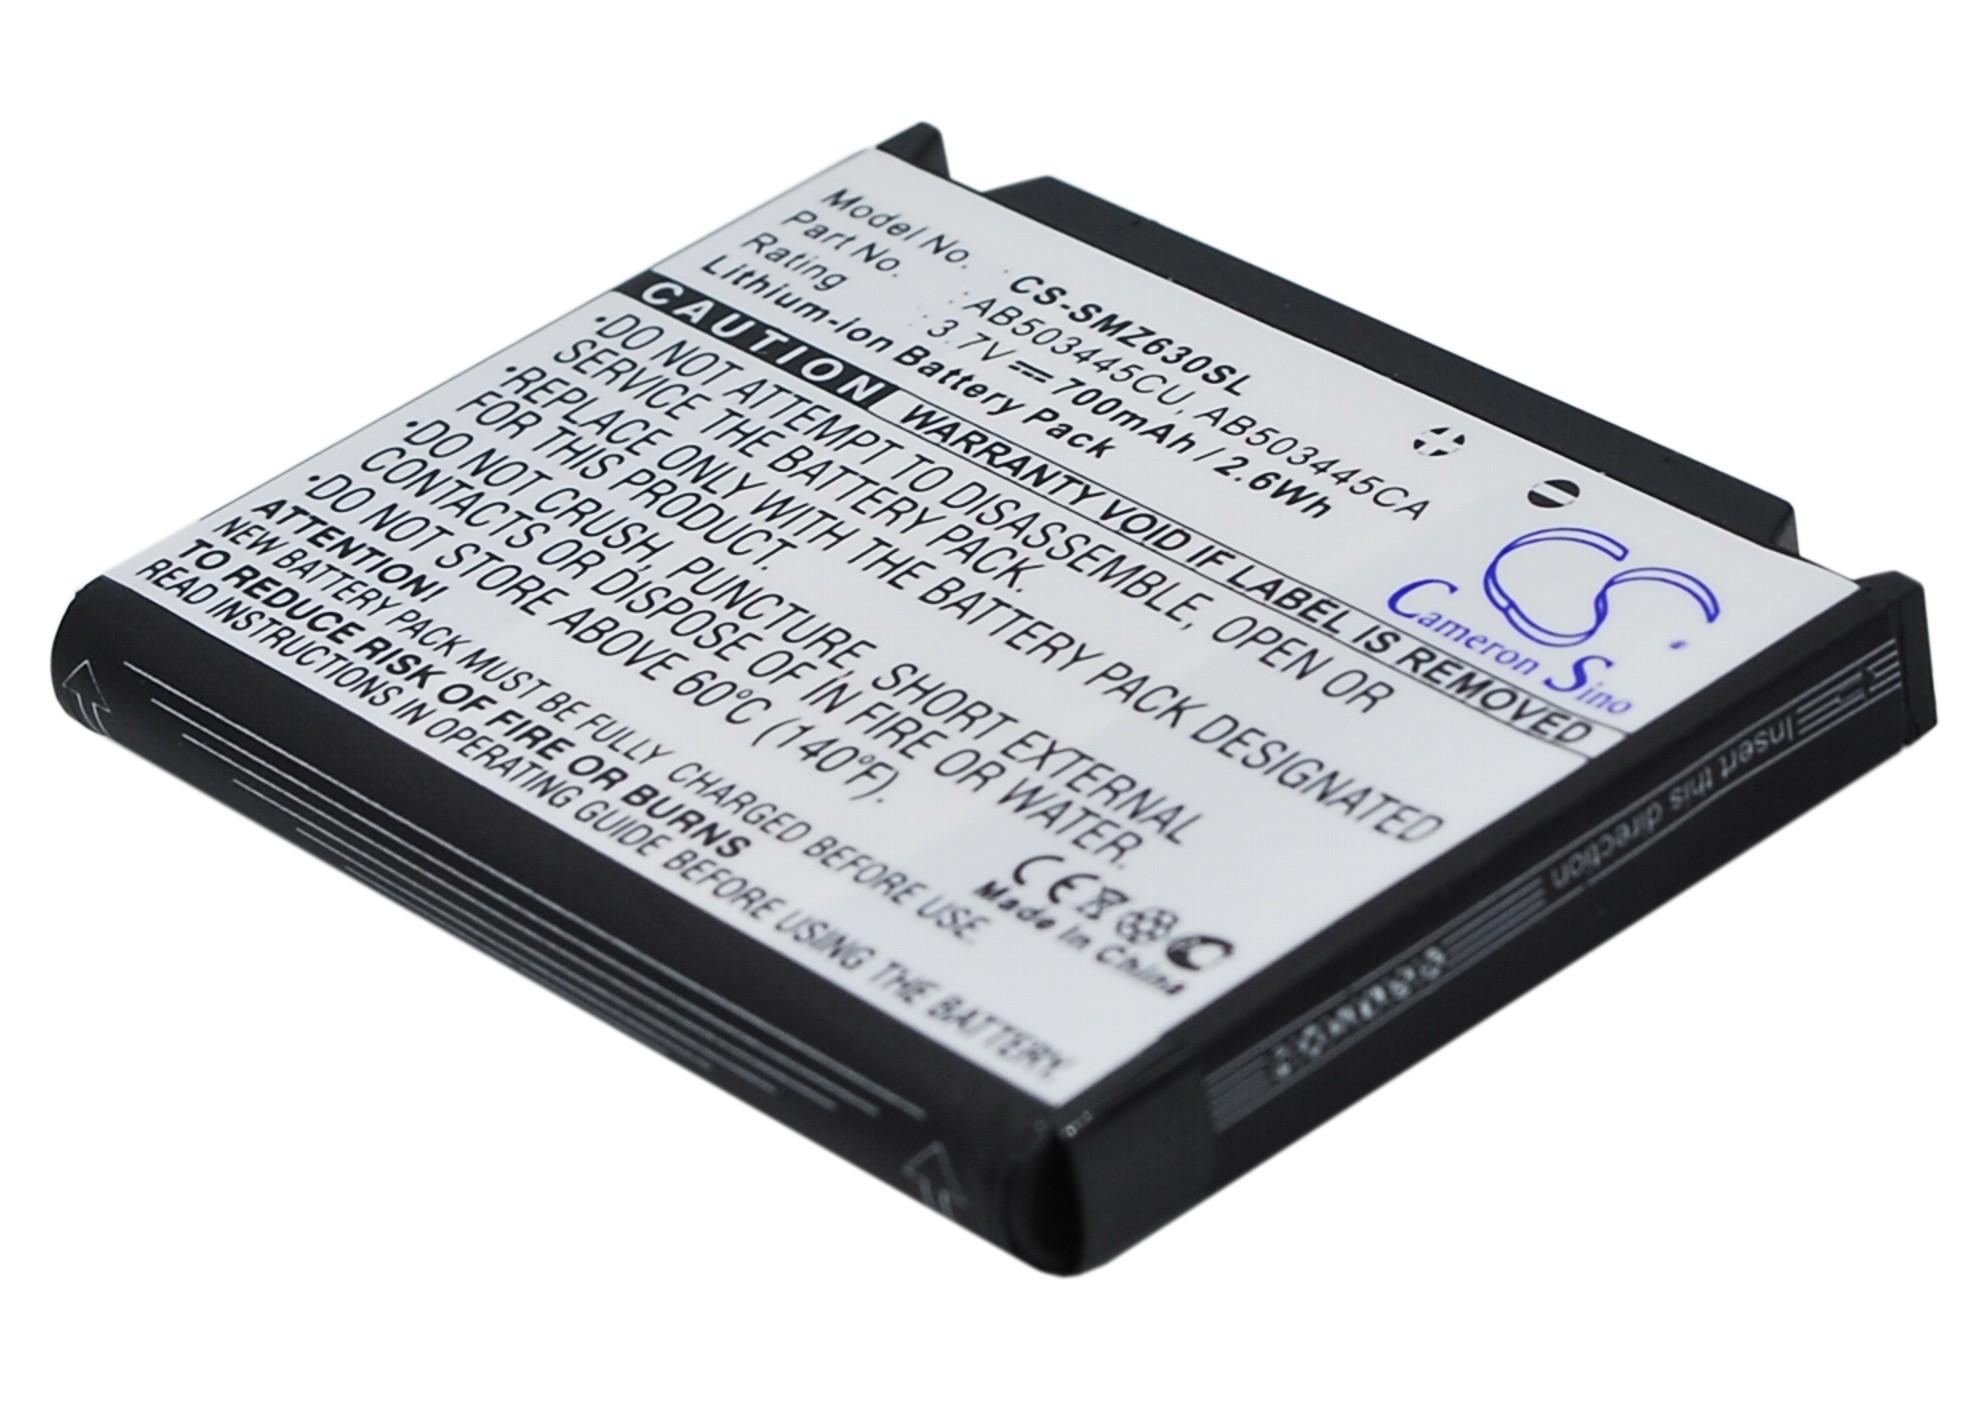 Cameron Sino baterie do mobilů pro SAMSUNG SGH-P520 3.7V Li-ion 700mAh černá - neoriginální